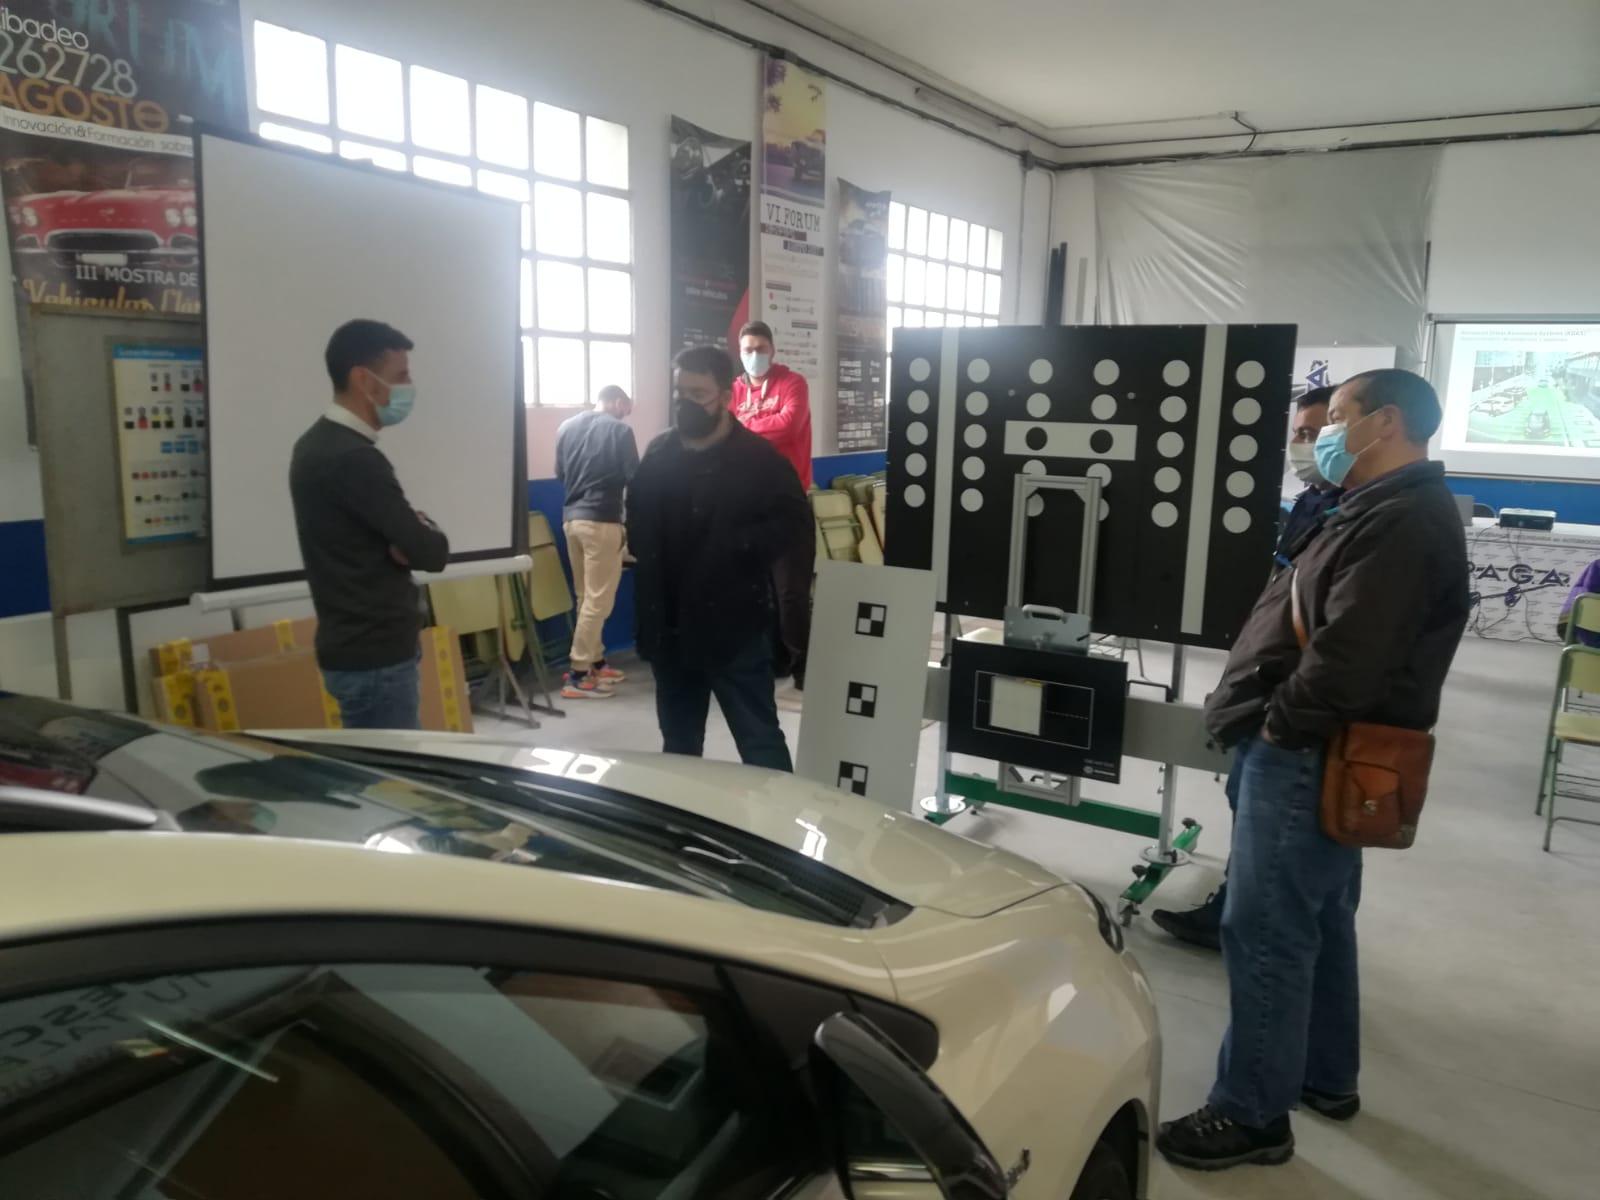 Novo curso de Apaga en Ribadeo, nesta ocasión de asistencia á condución